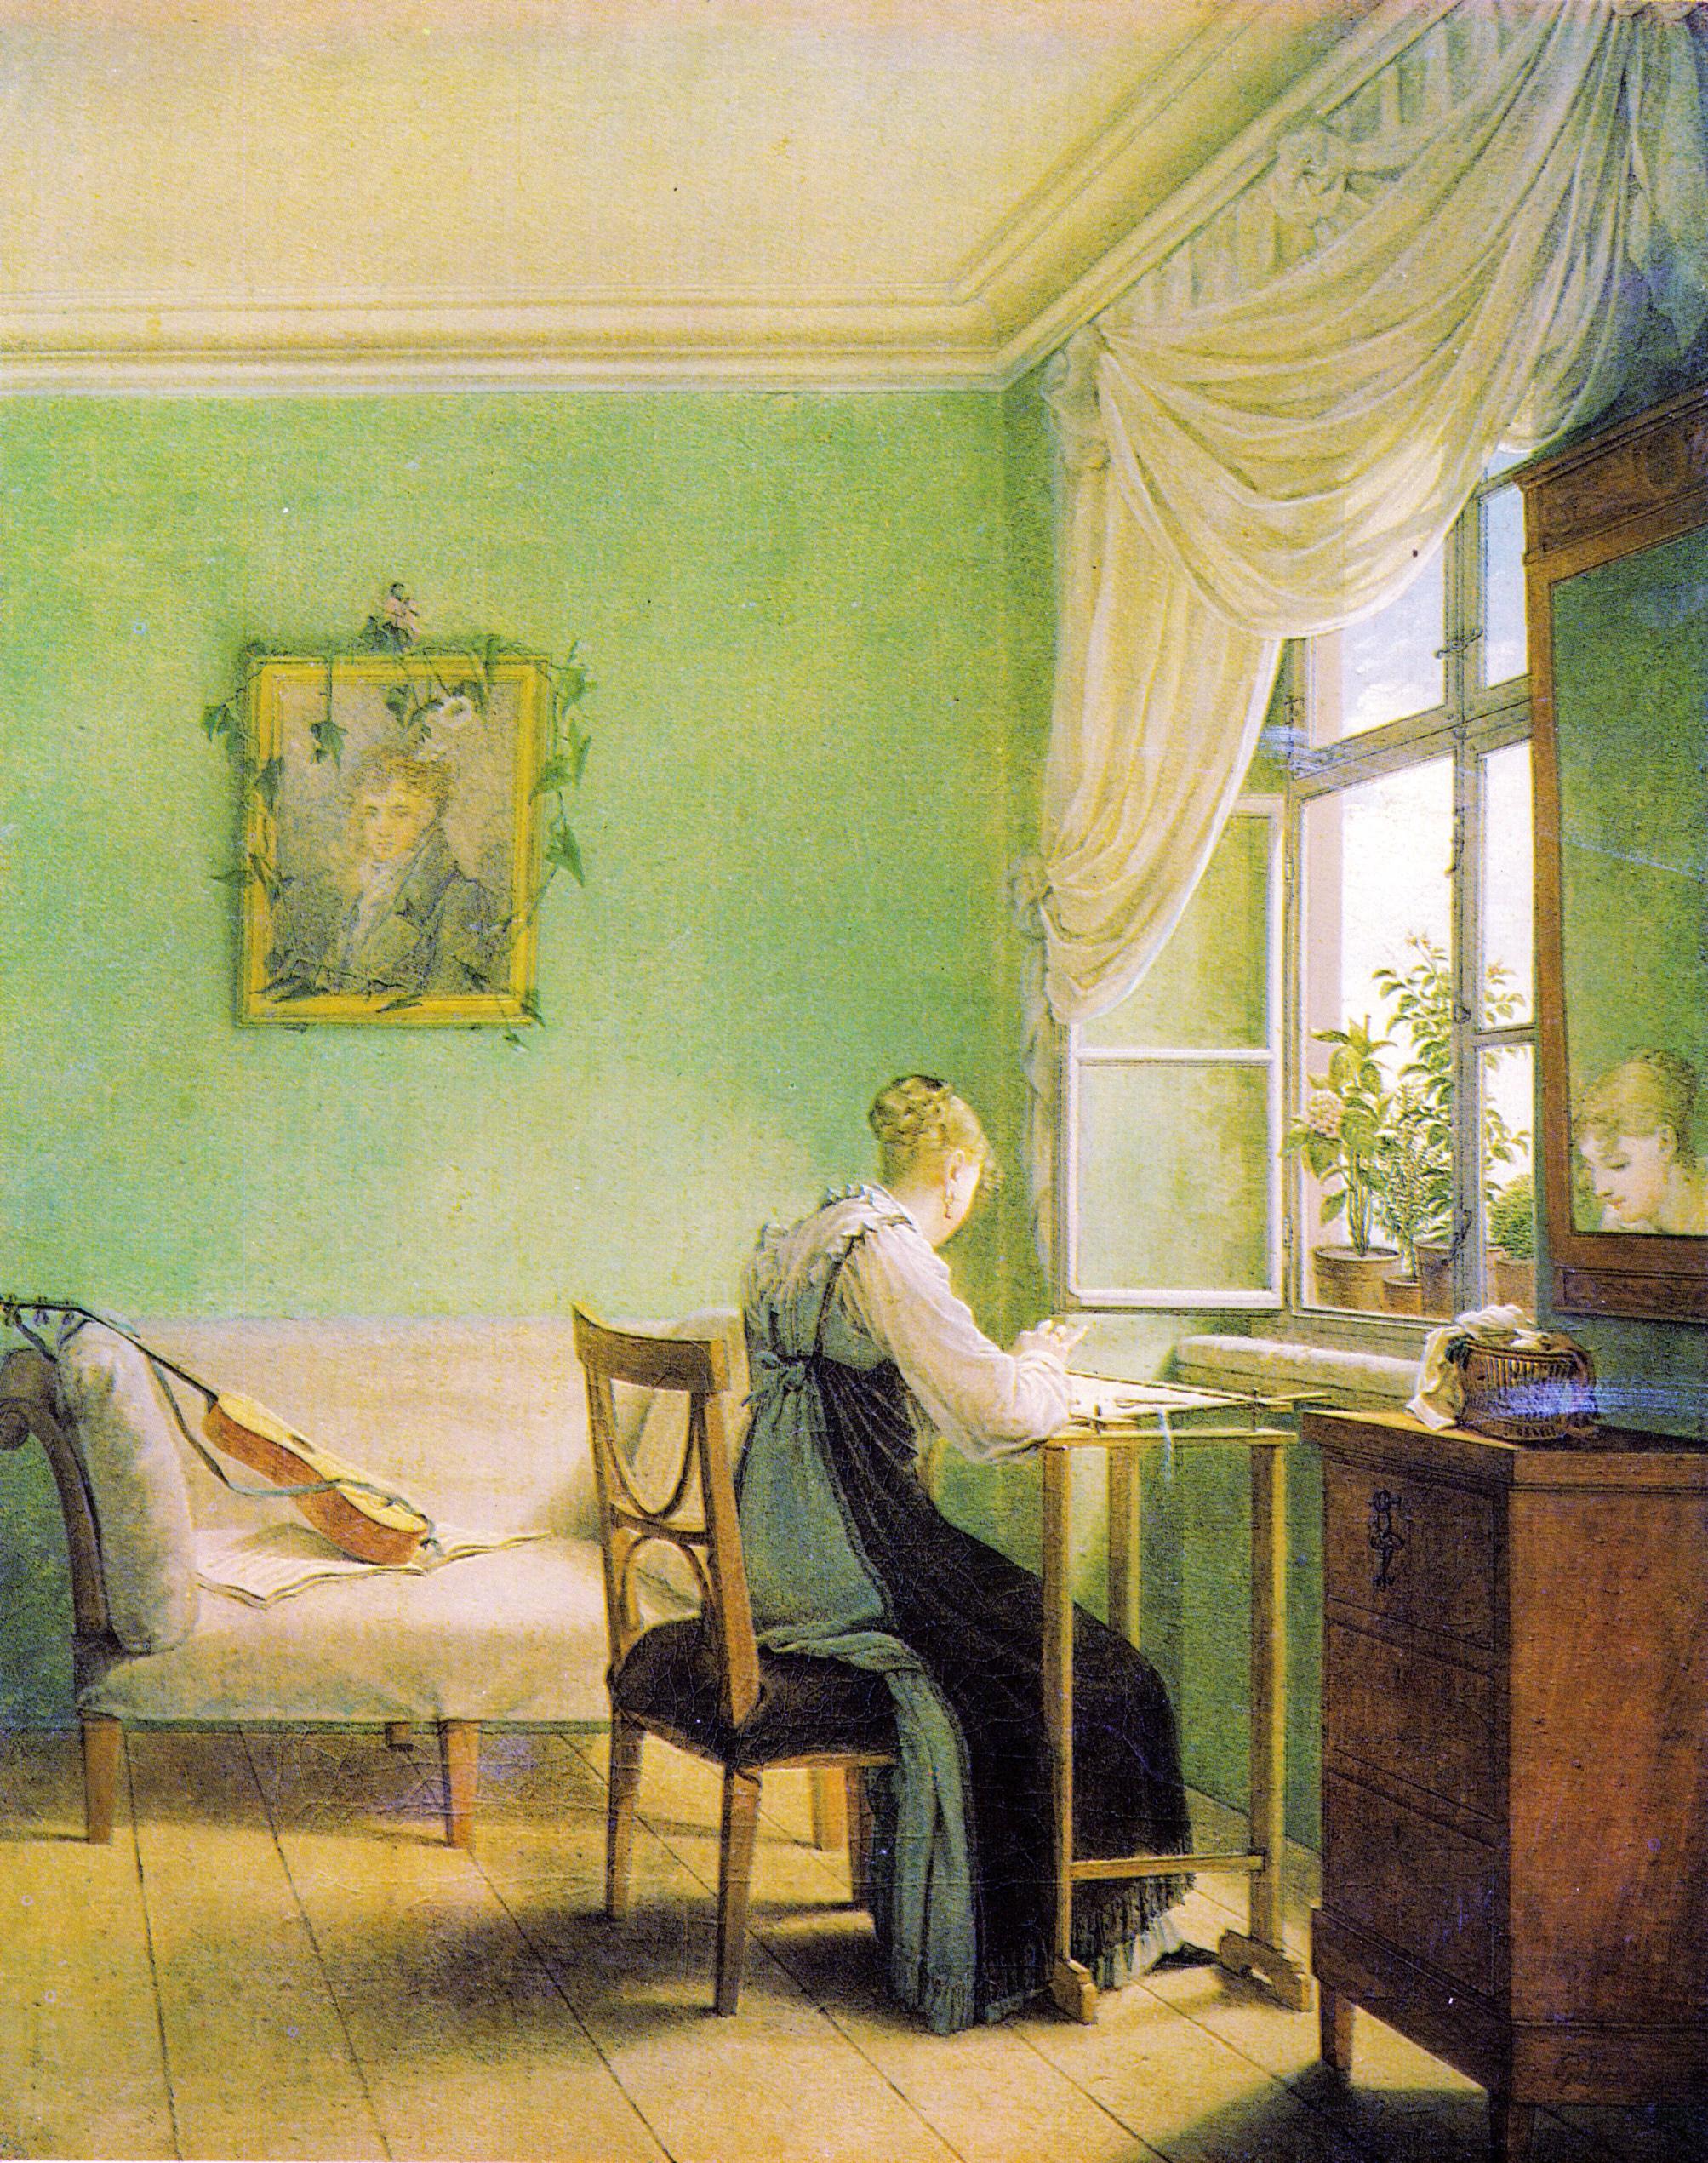 Georg_Friedrich_Kersting_-_Die_Stickerin_1812